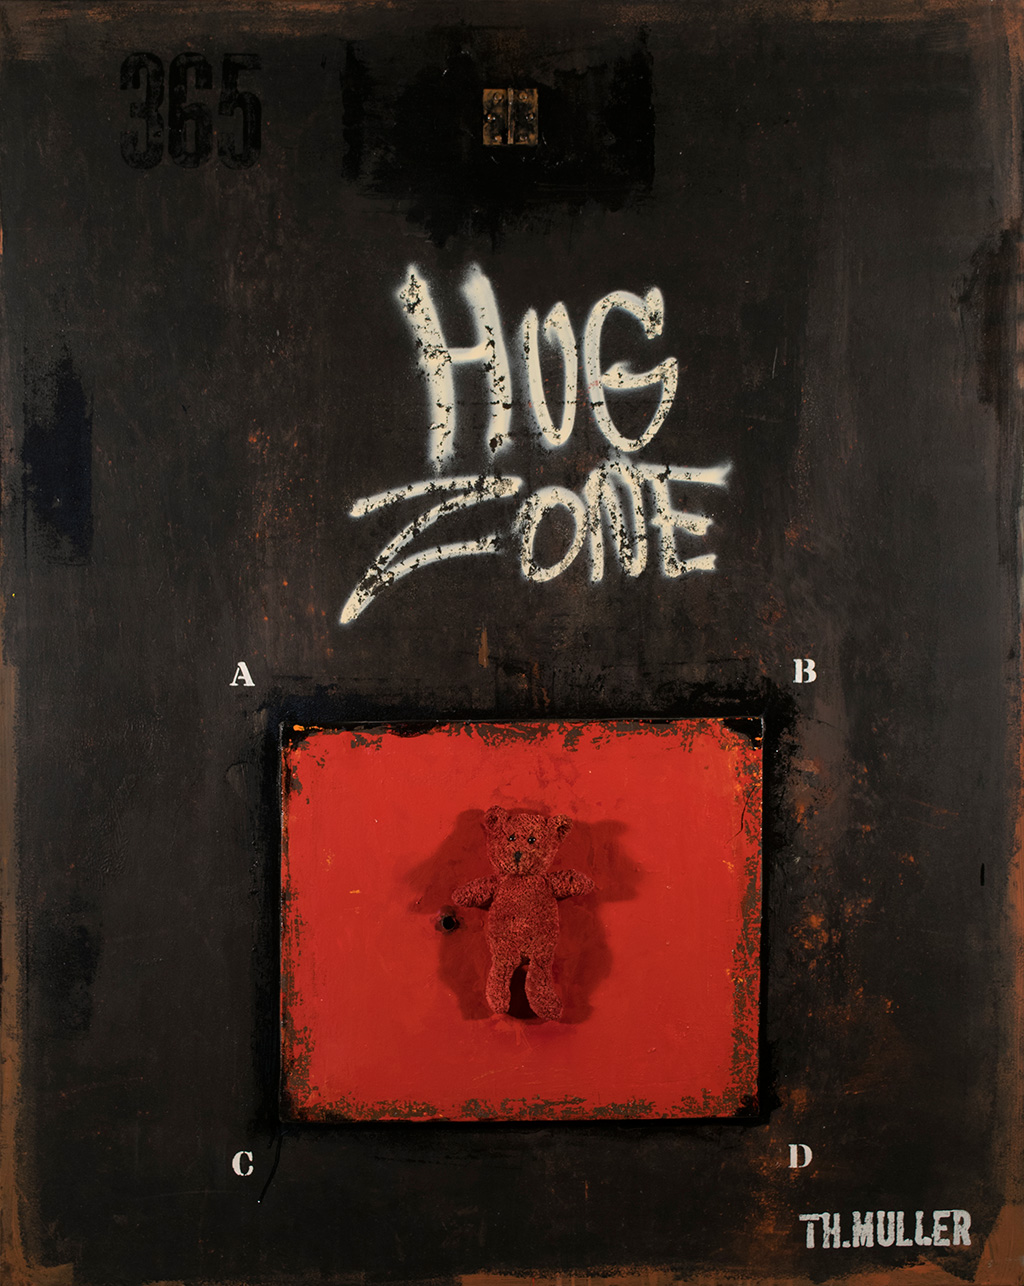 Hug Zone